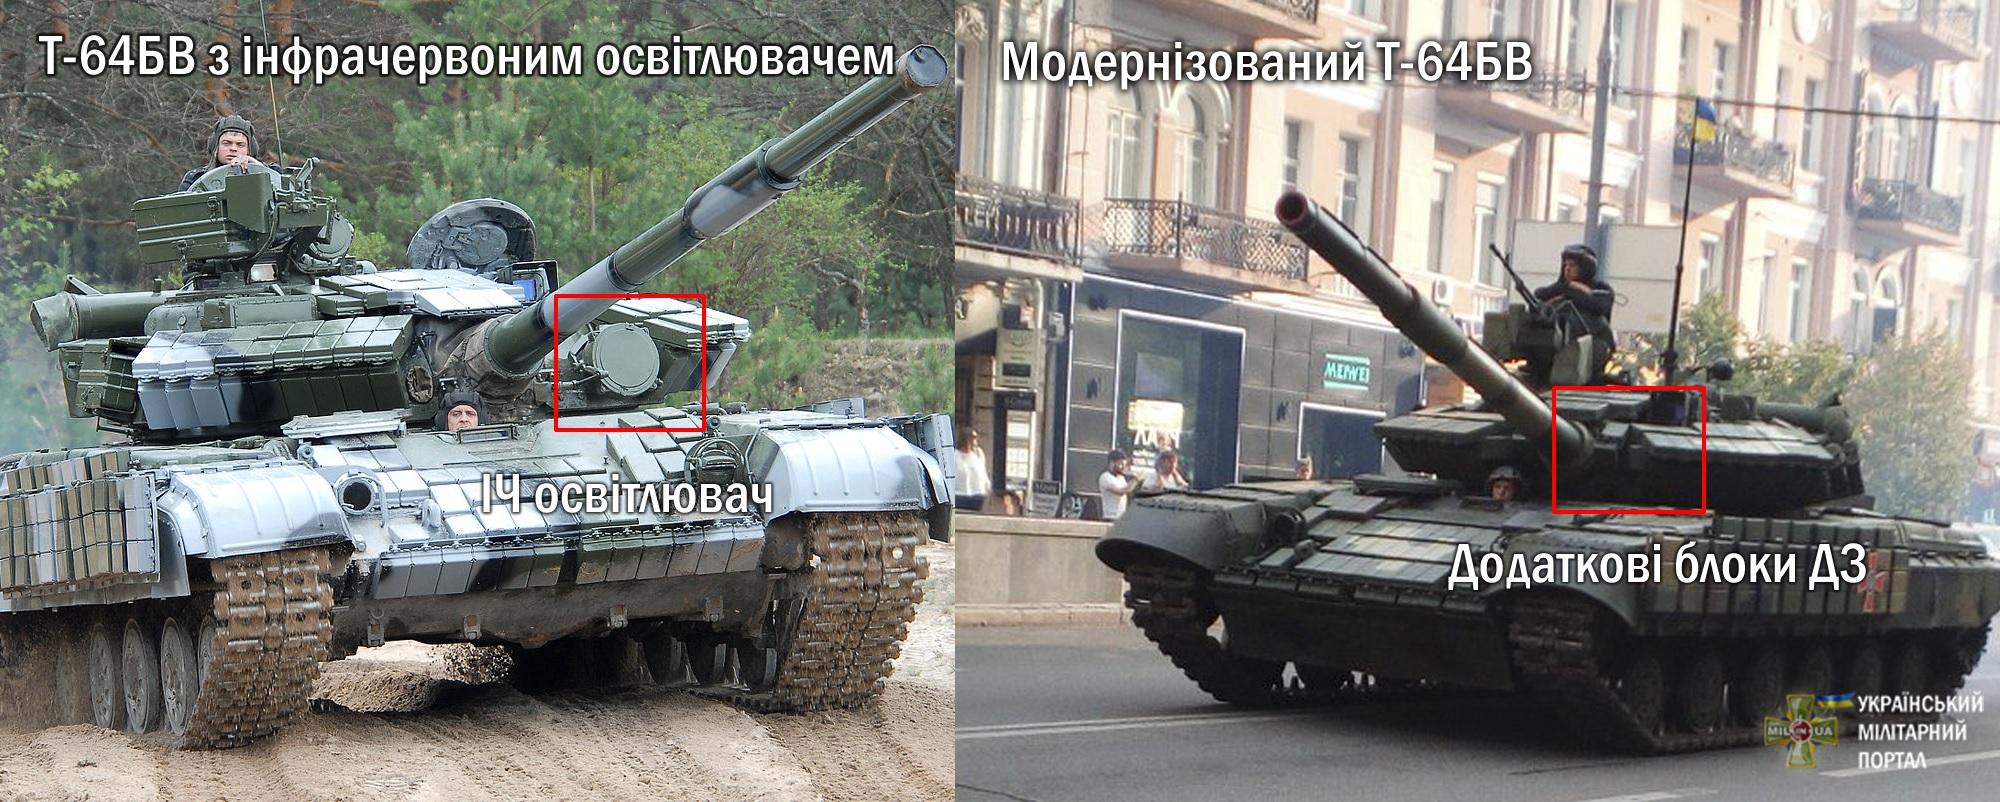 Модернизация танков Т-64БВ на Украине